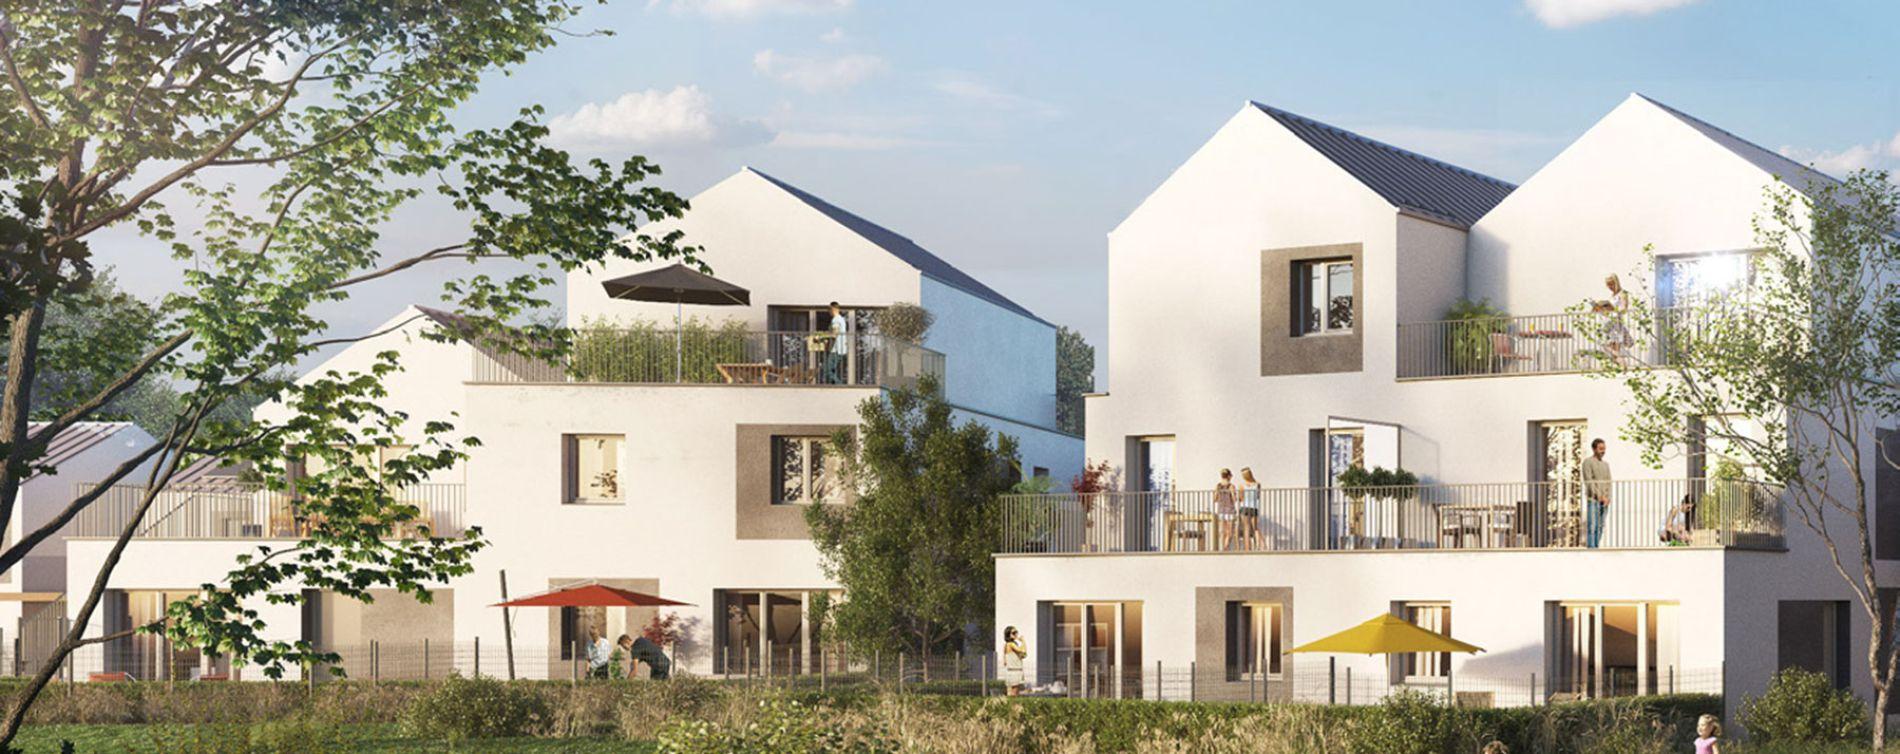 Résidence Ecotopia à Reims